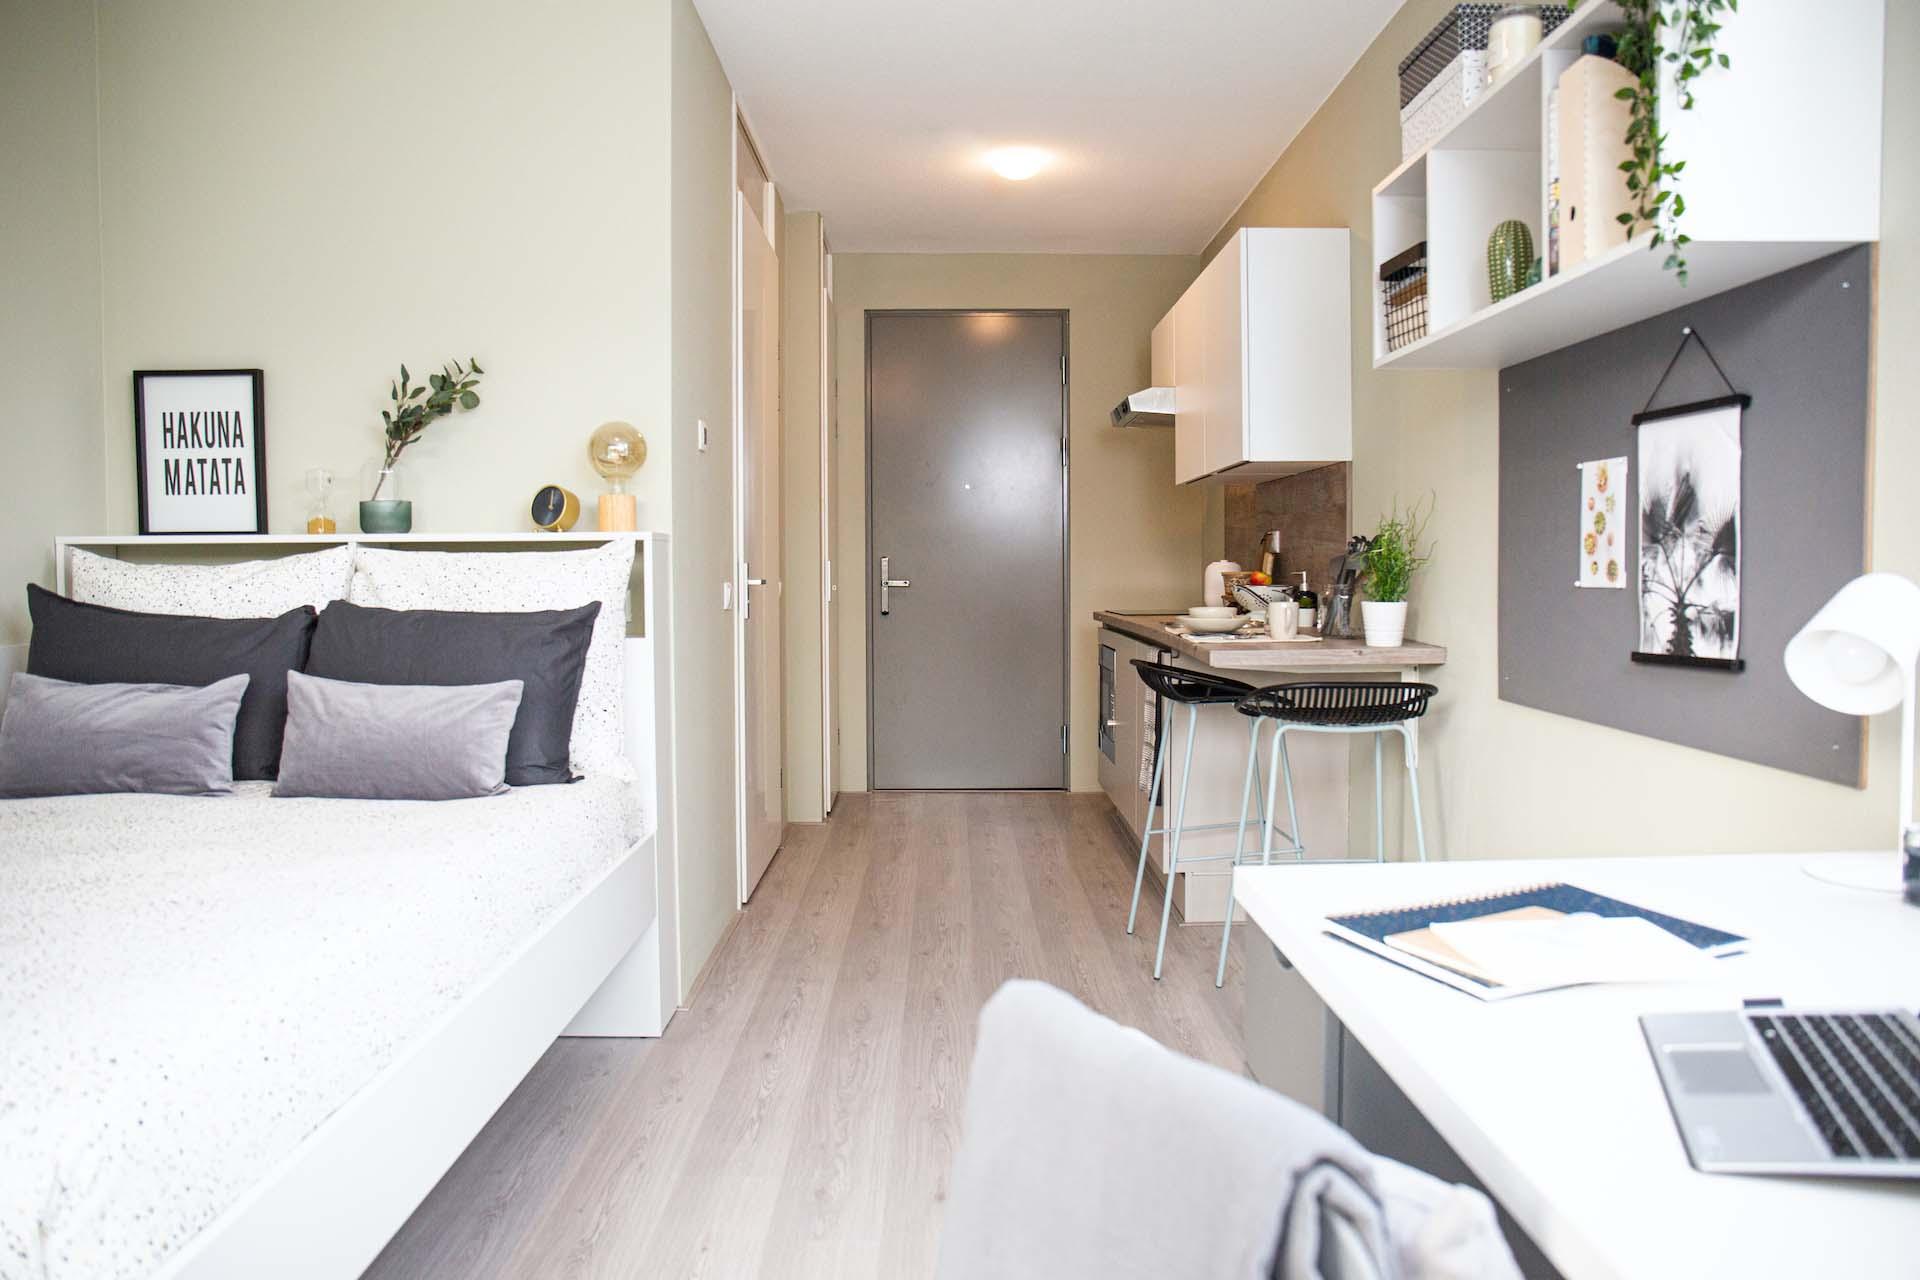 Studio Apartment - Sumber foto: Promovendux